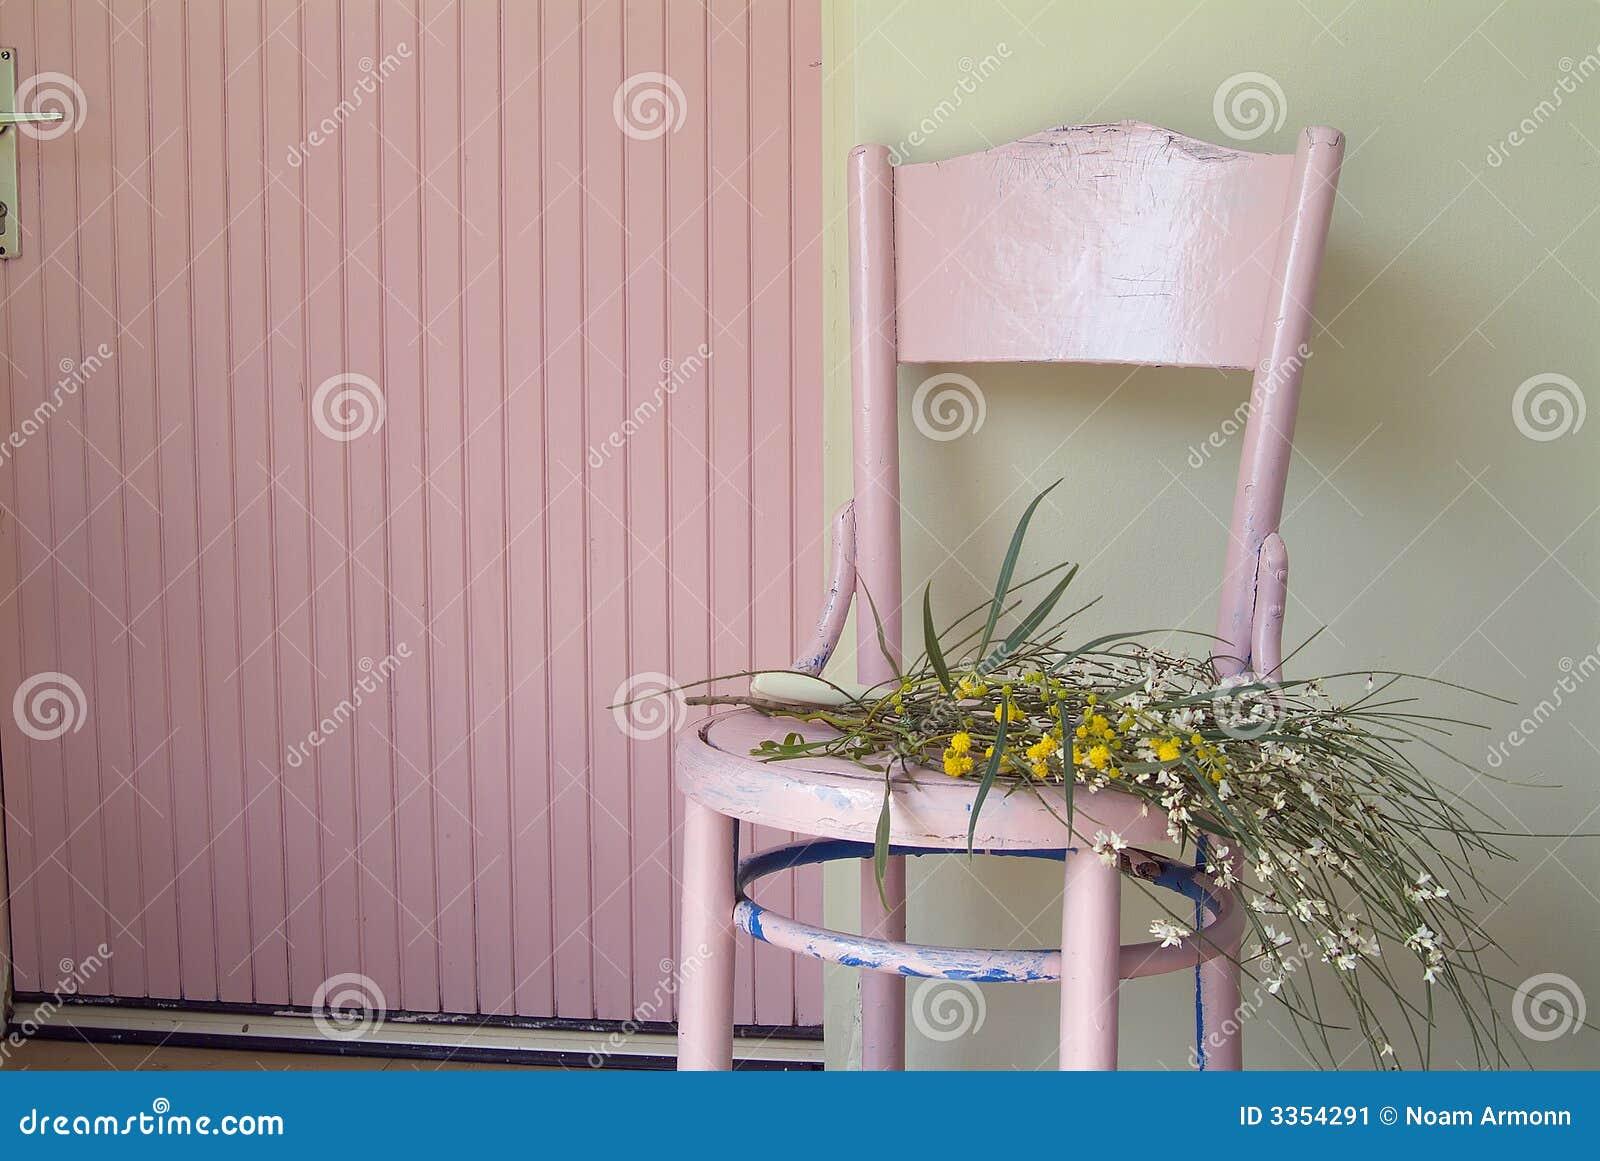 Oud Roze Fauteuil : Oude roze stoel en bloemen stock afbeelding afbeelding bestaande